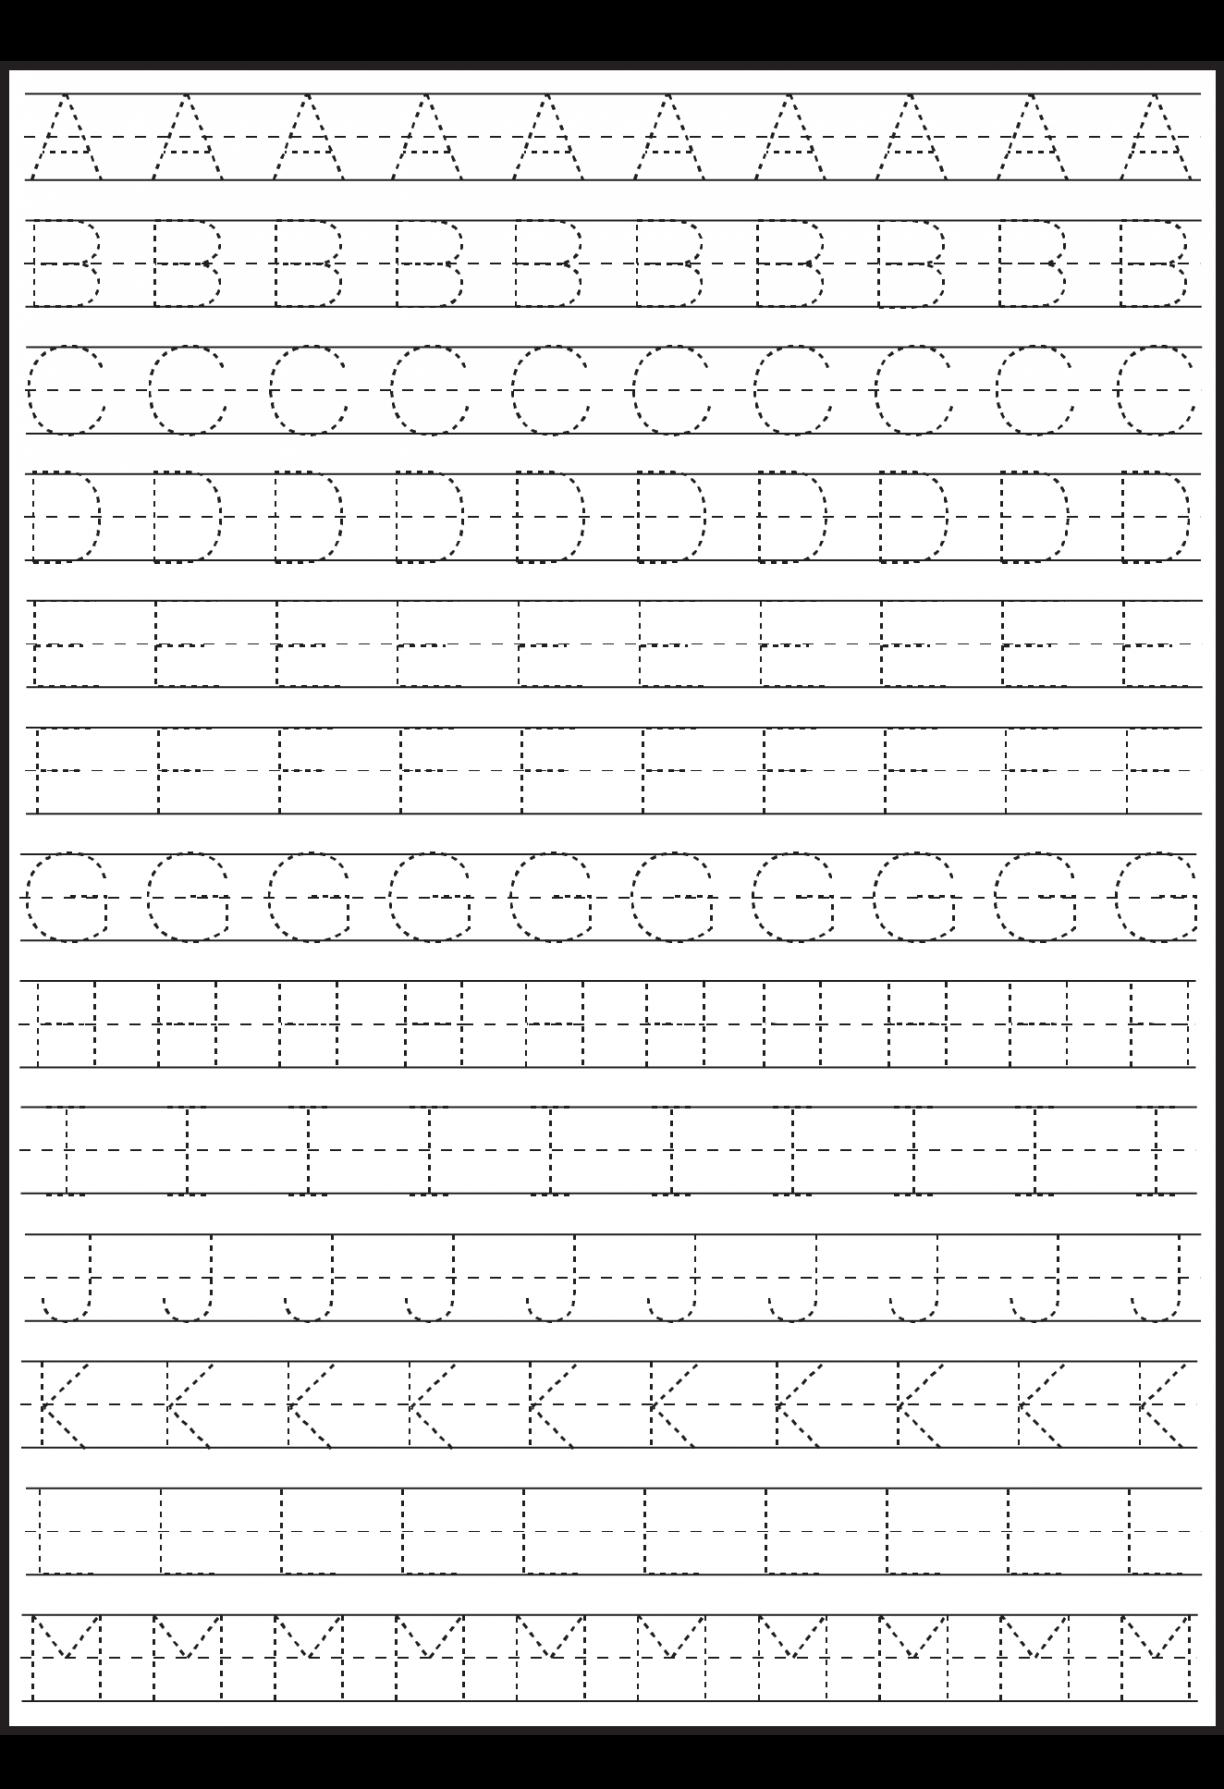 Number Tracing Worksheets 1 40 Pratica Da Escrita Tracing Worksheets Planilhas Pre Escolares [ 1789 x 1224 Pixel ]